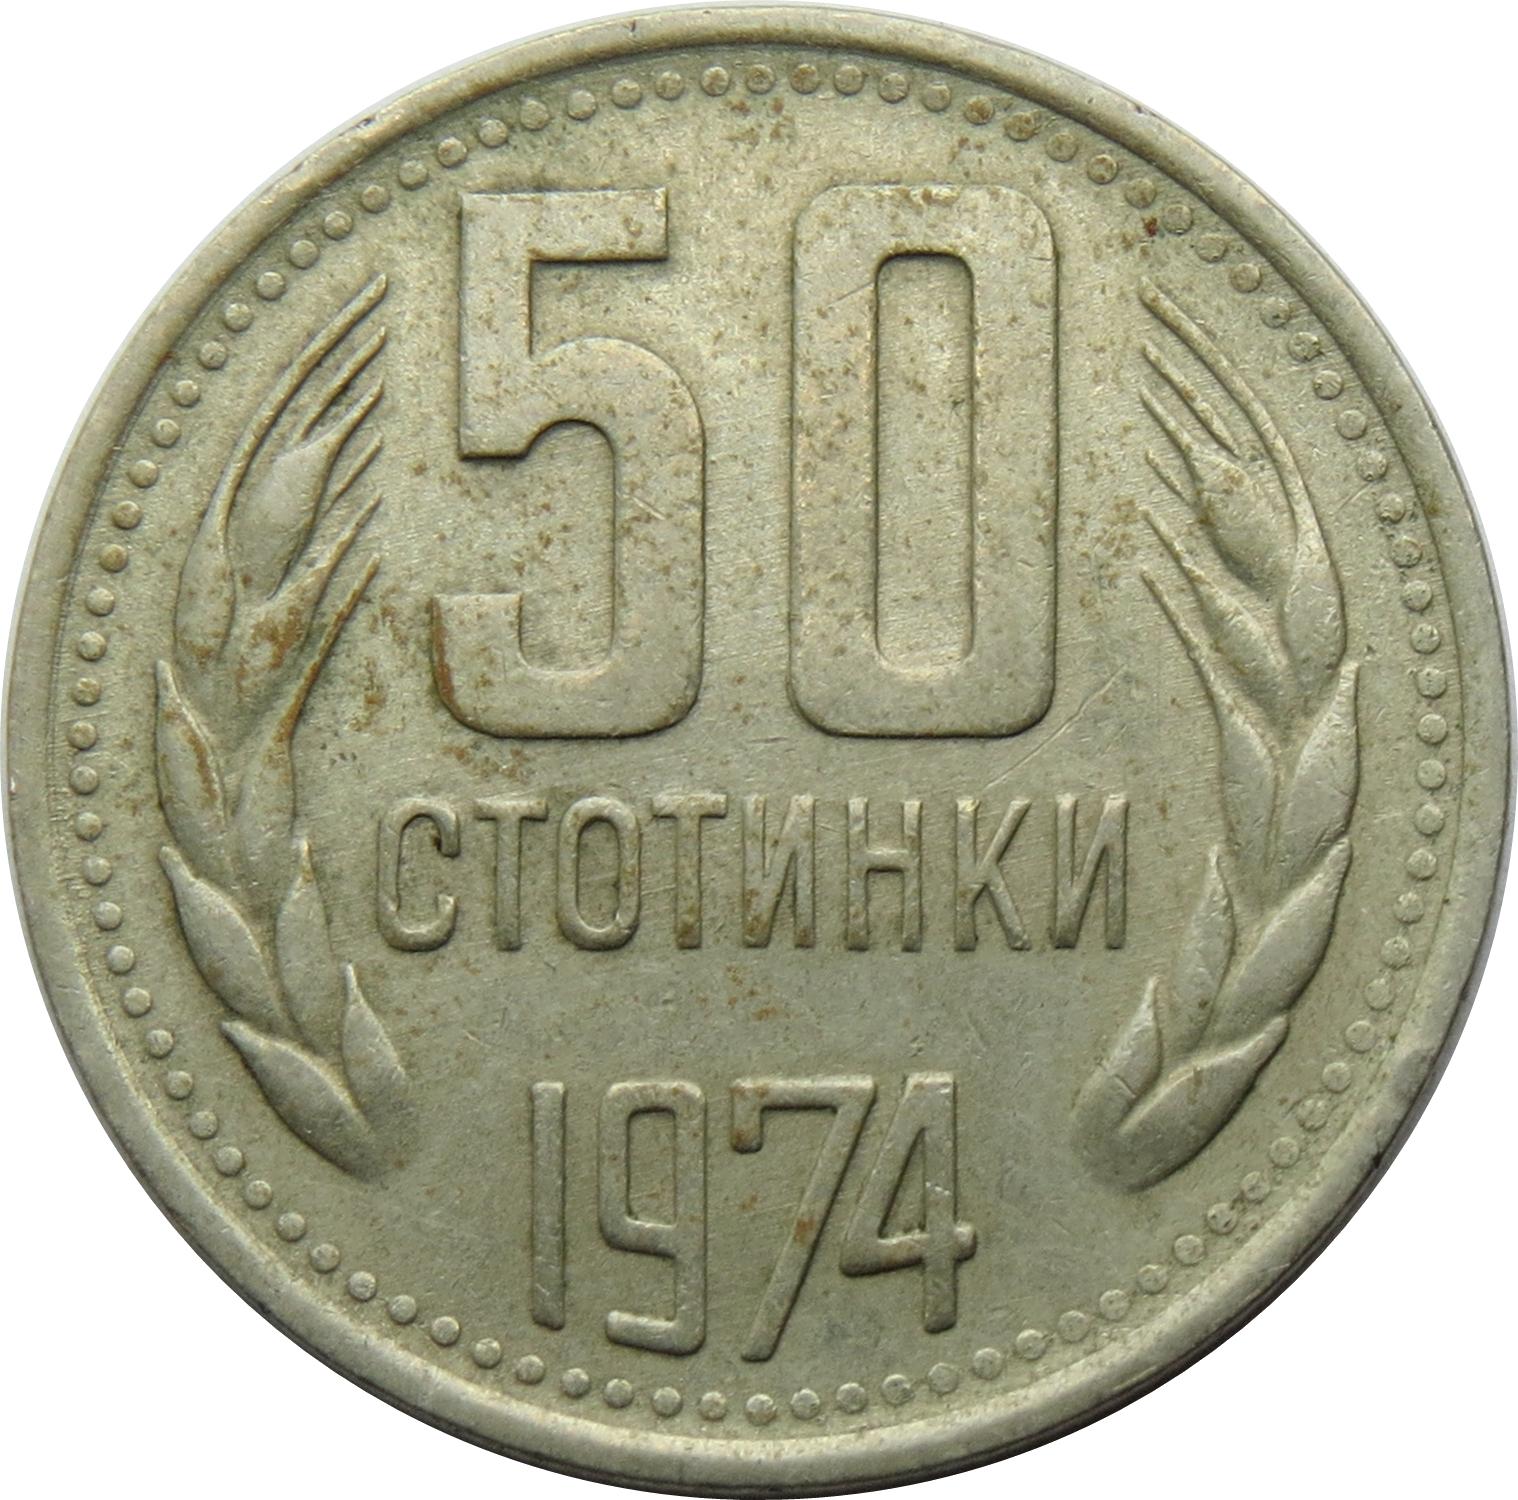 50 Stotinki Bulgarie Numista